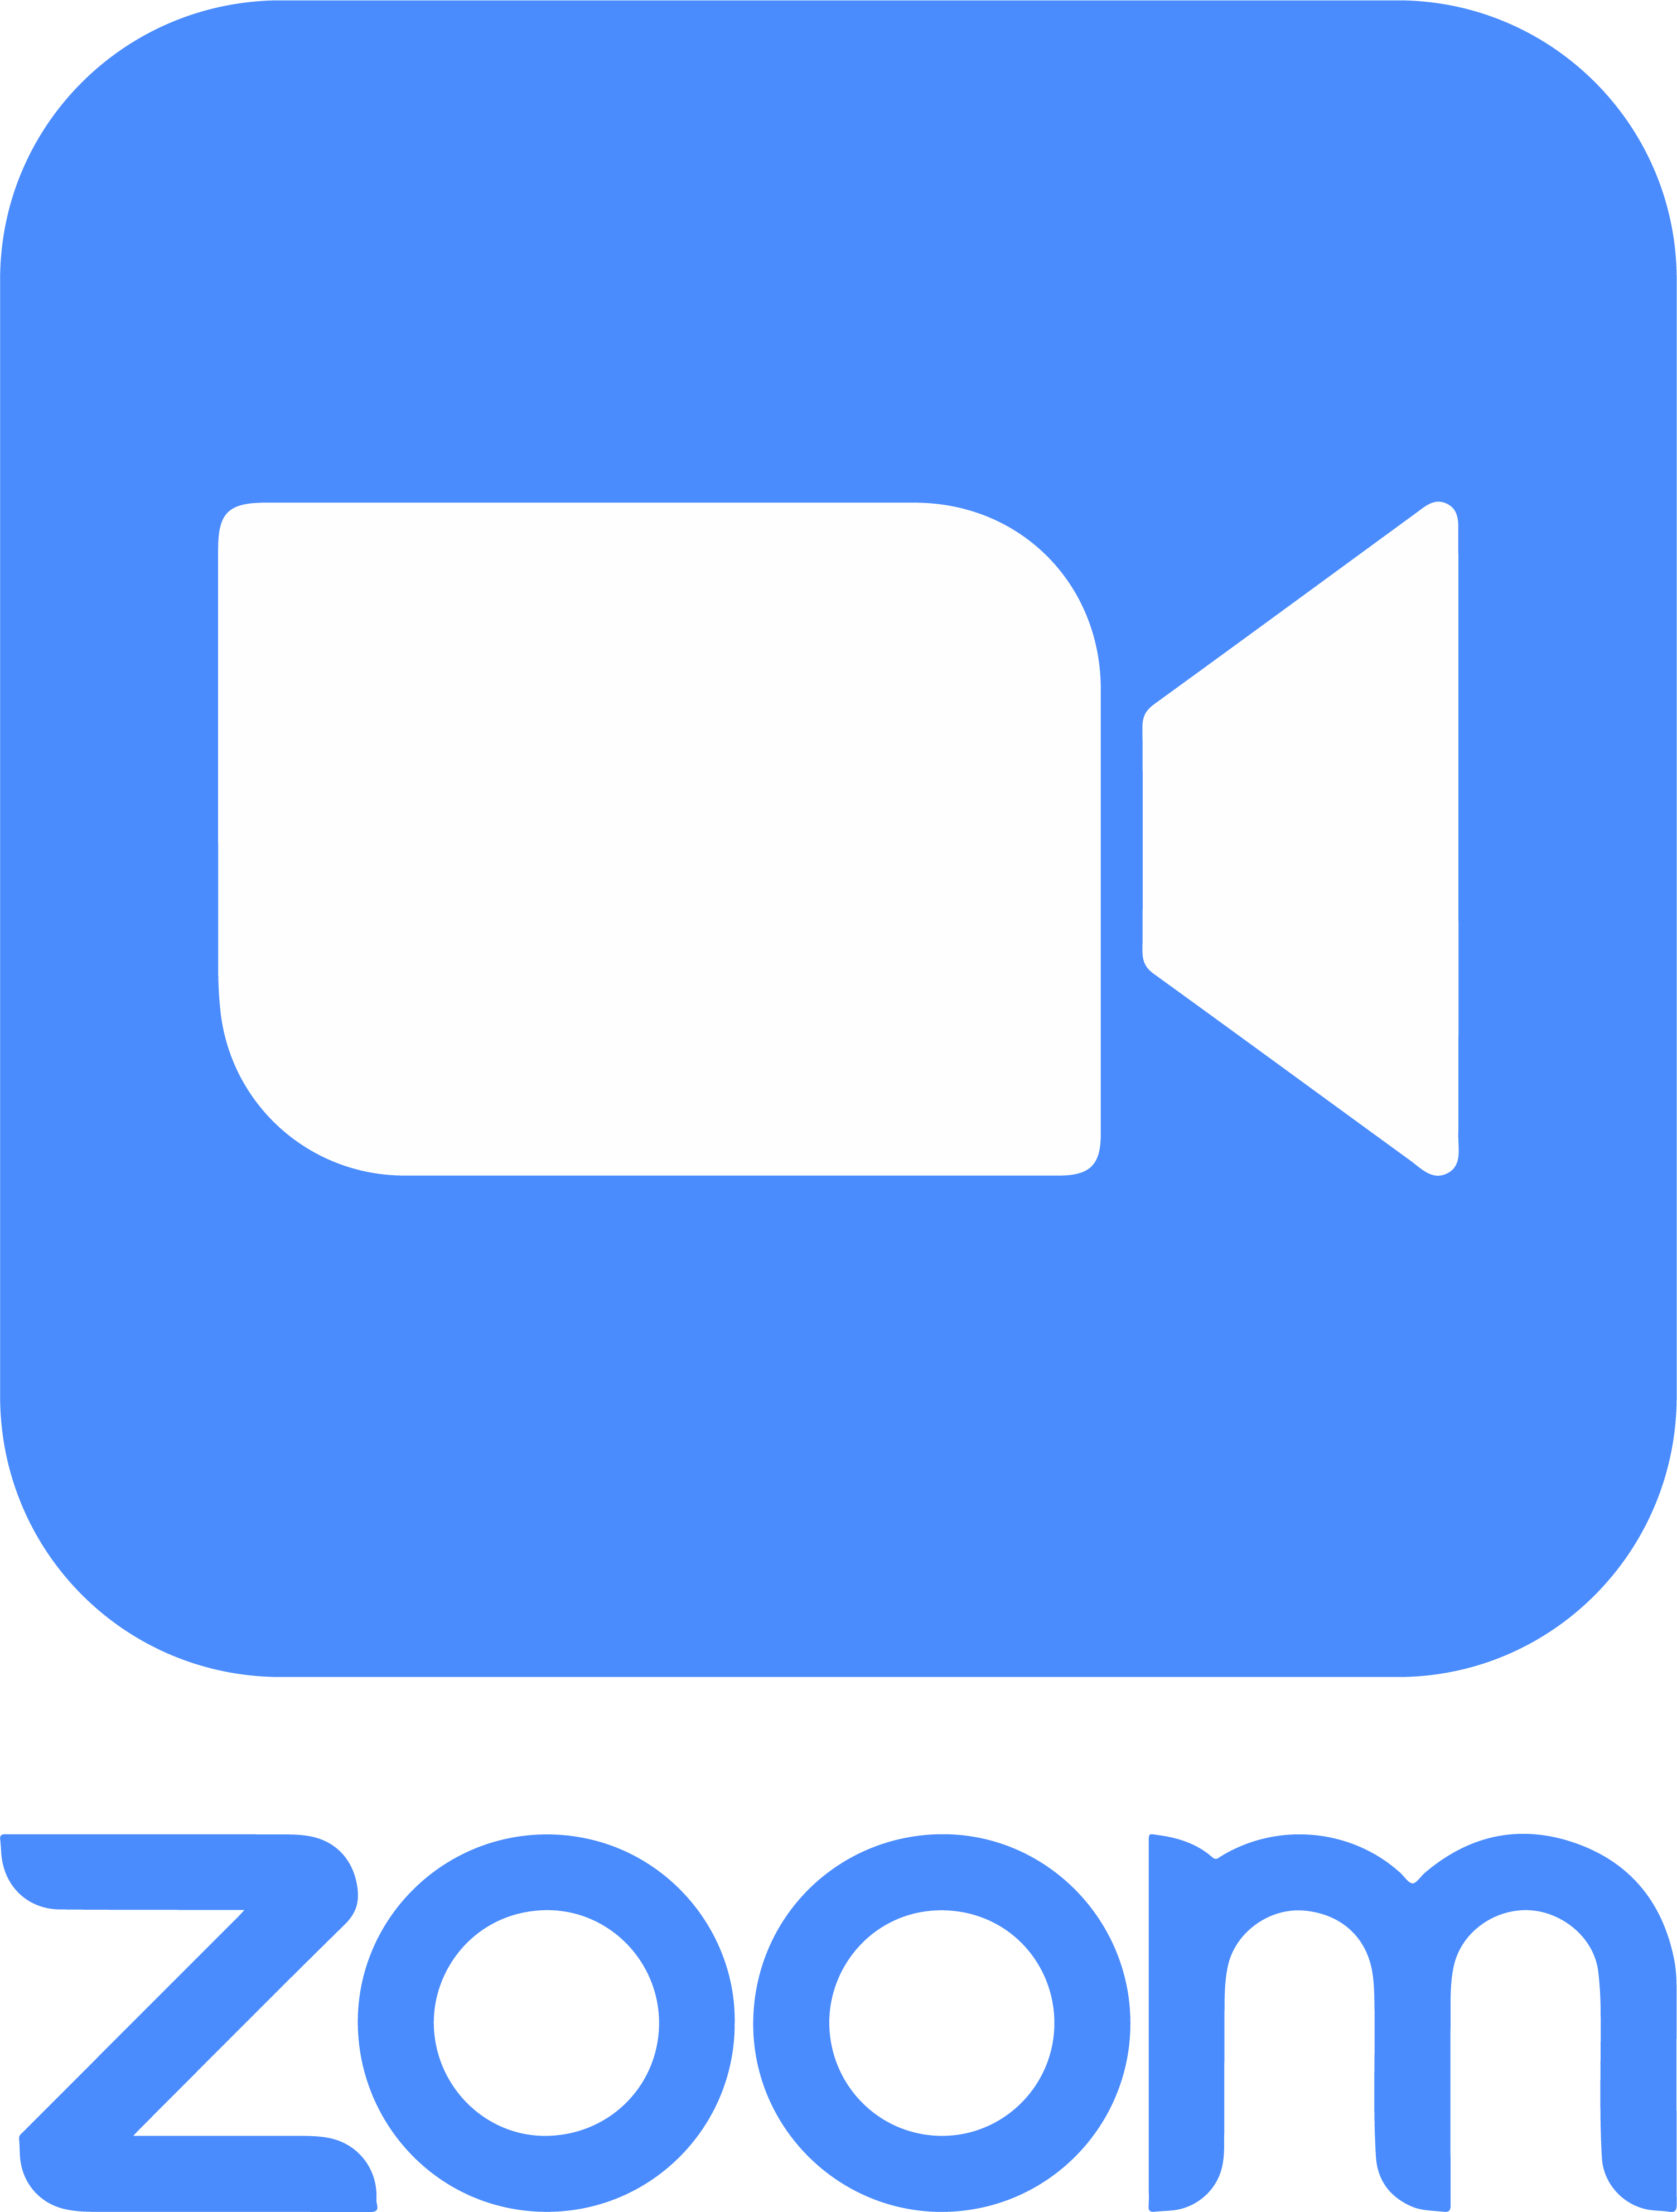 zoom logo medicare aca healthcare marketplace medicare advantage